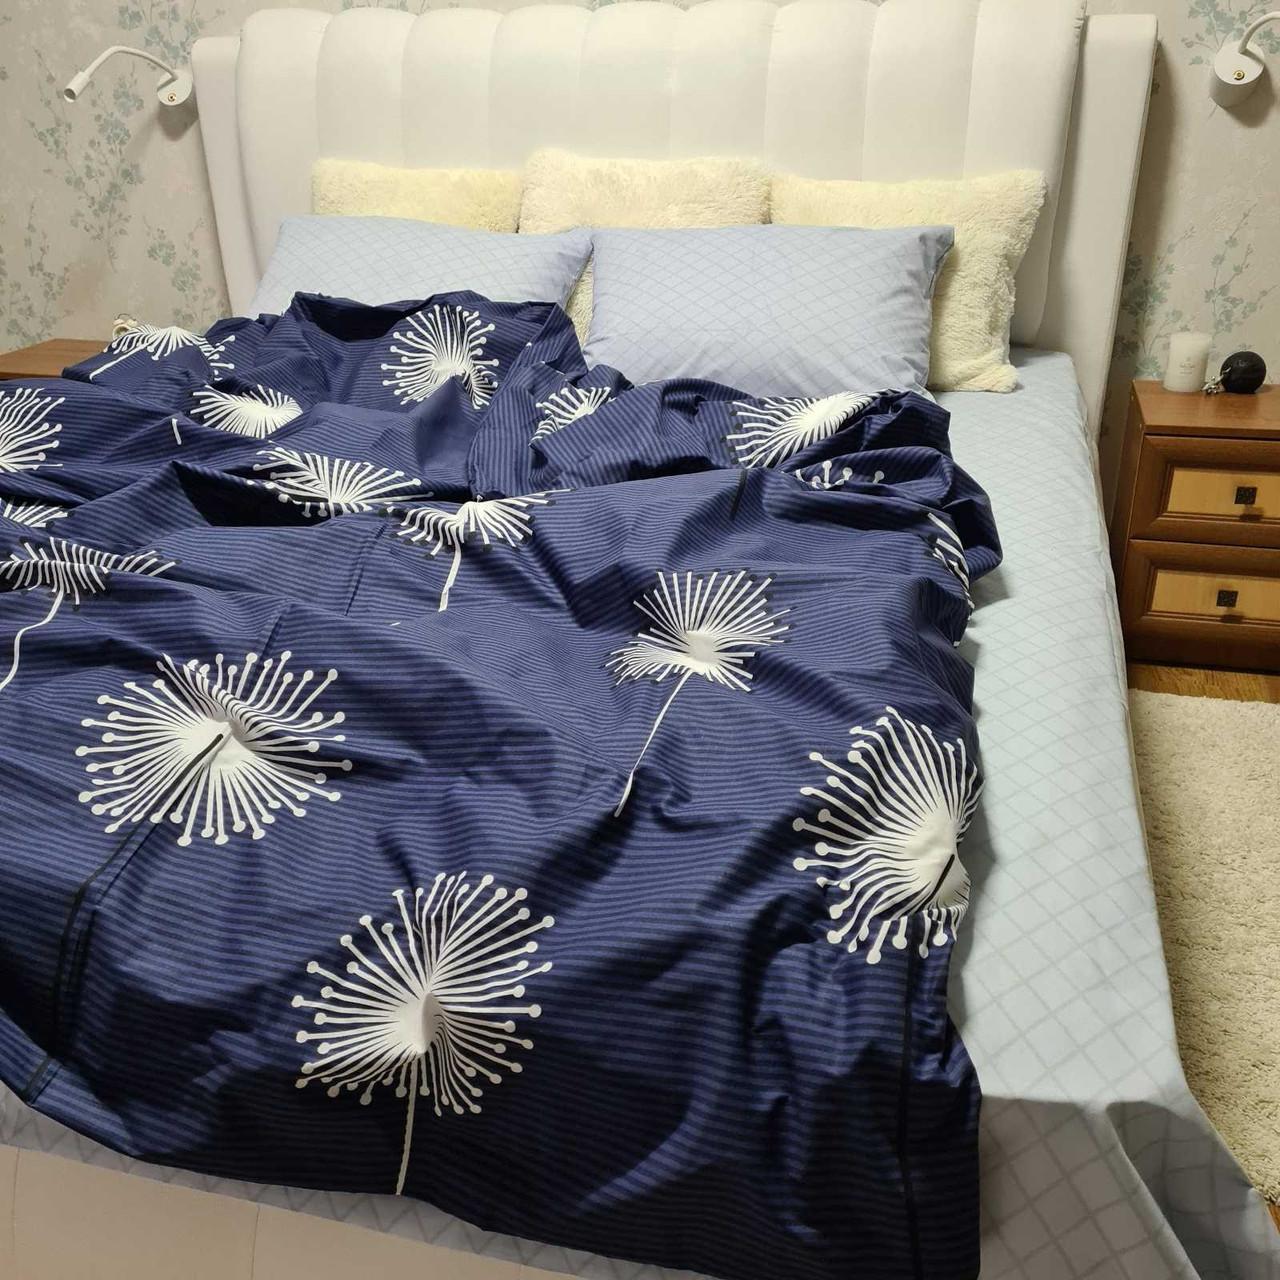 Качественное постельное белье с одуванчиками, полуторка